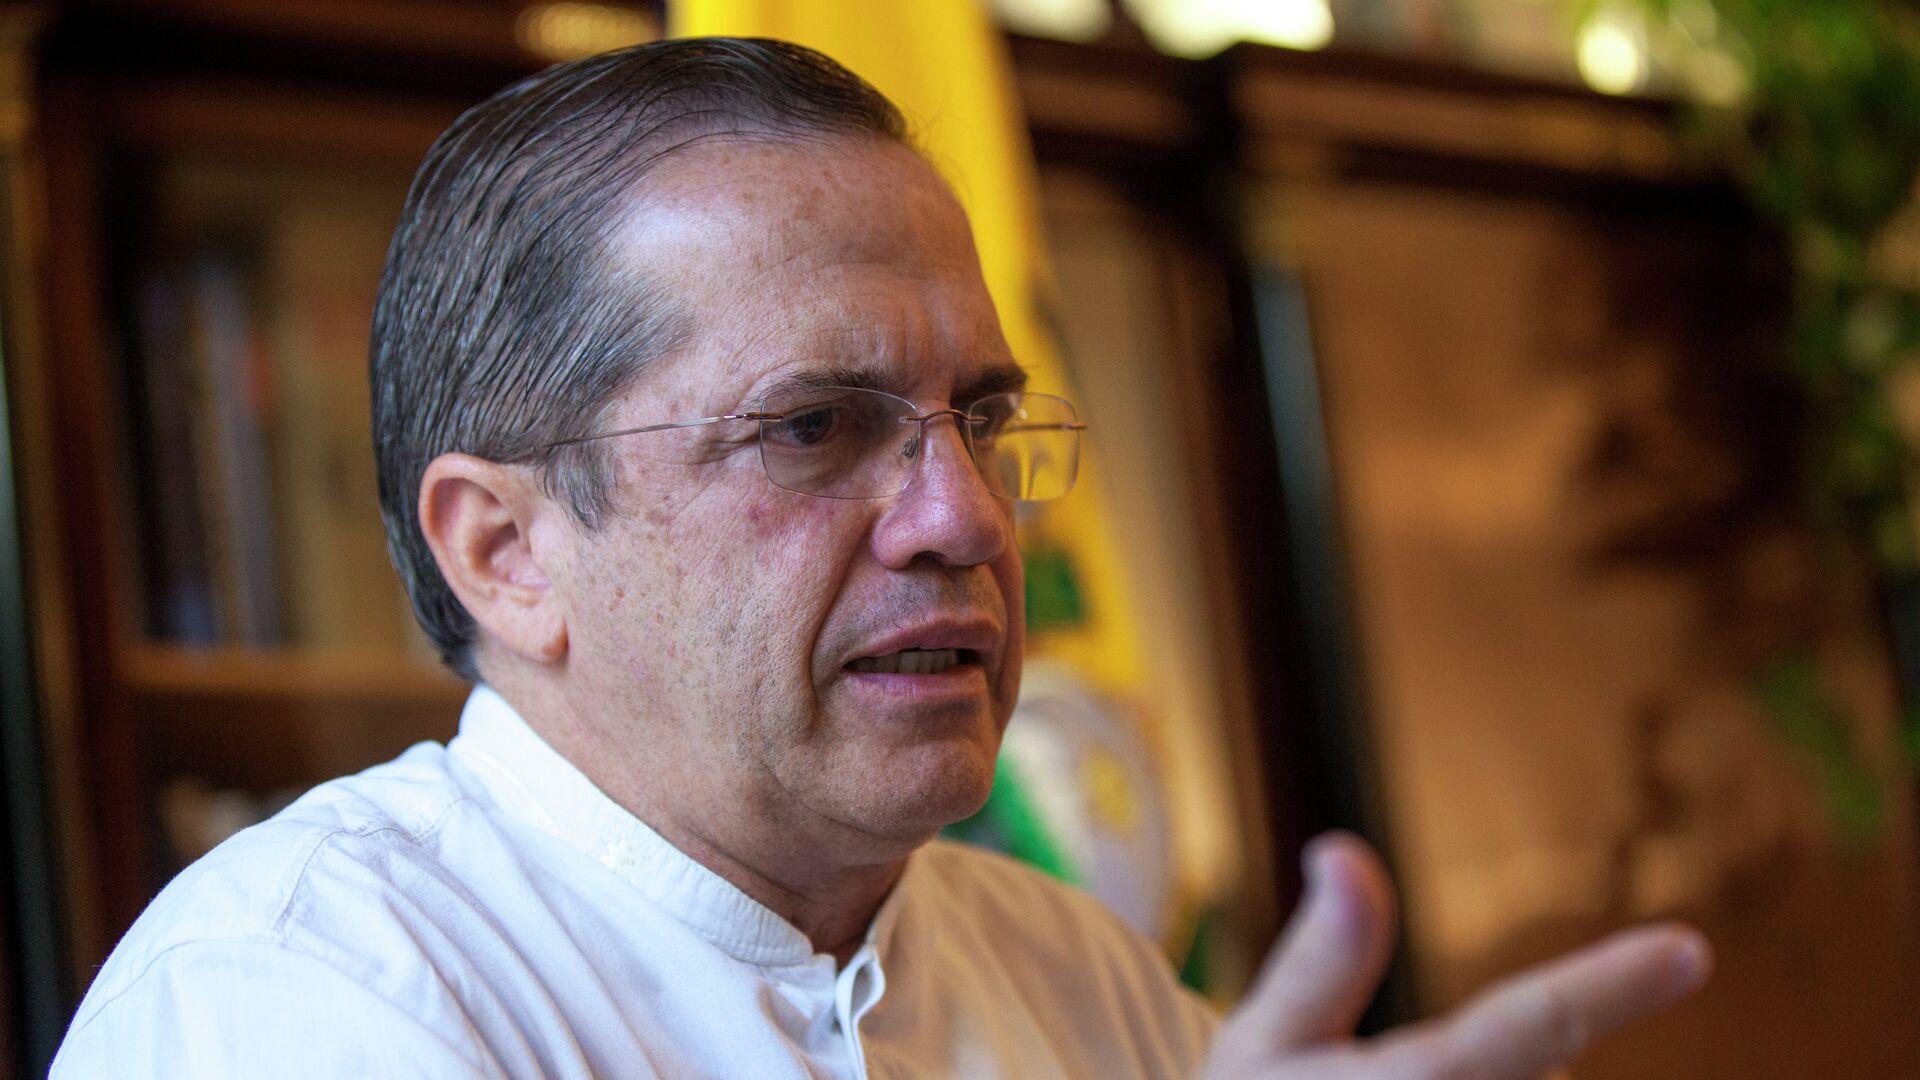 Ricardo Patiño, ex ministro de Relaciones Exteriores de Ecuador - Sputnik Mundo, 1920, 09.04.2021